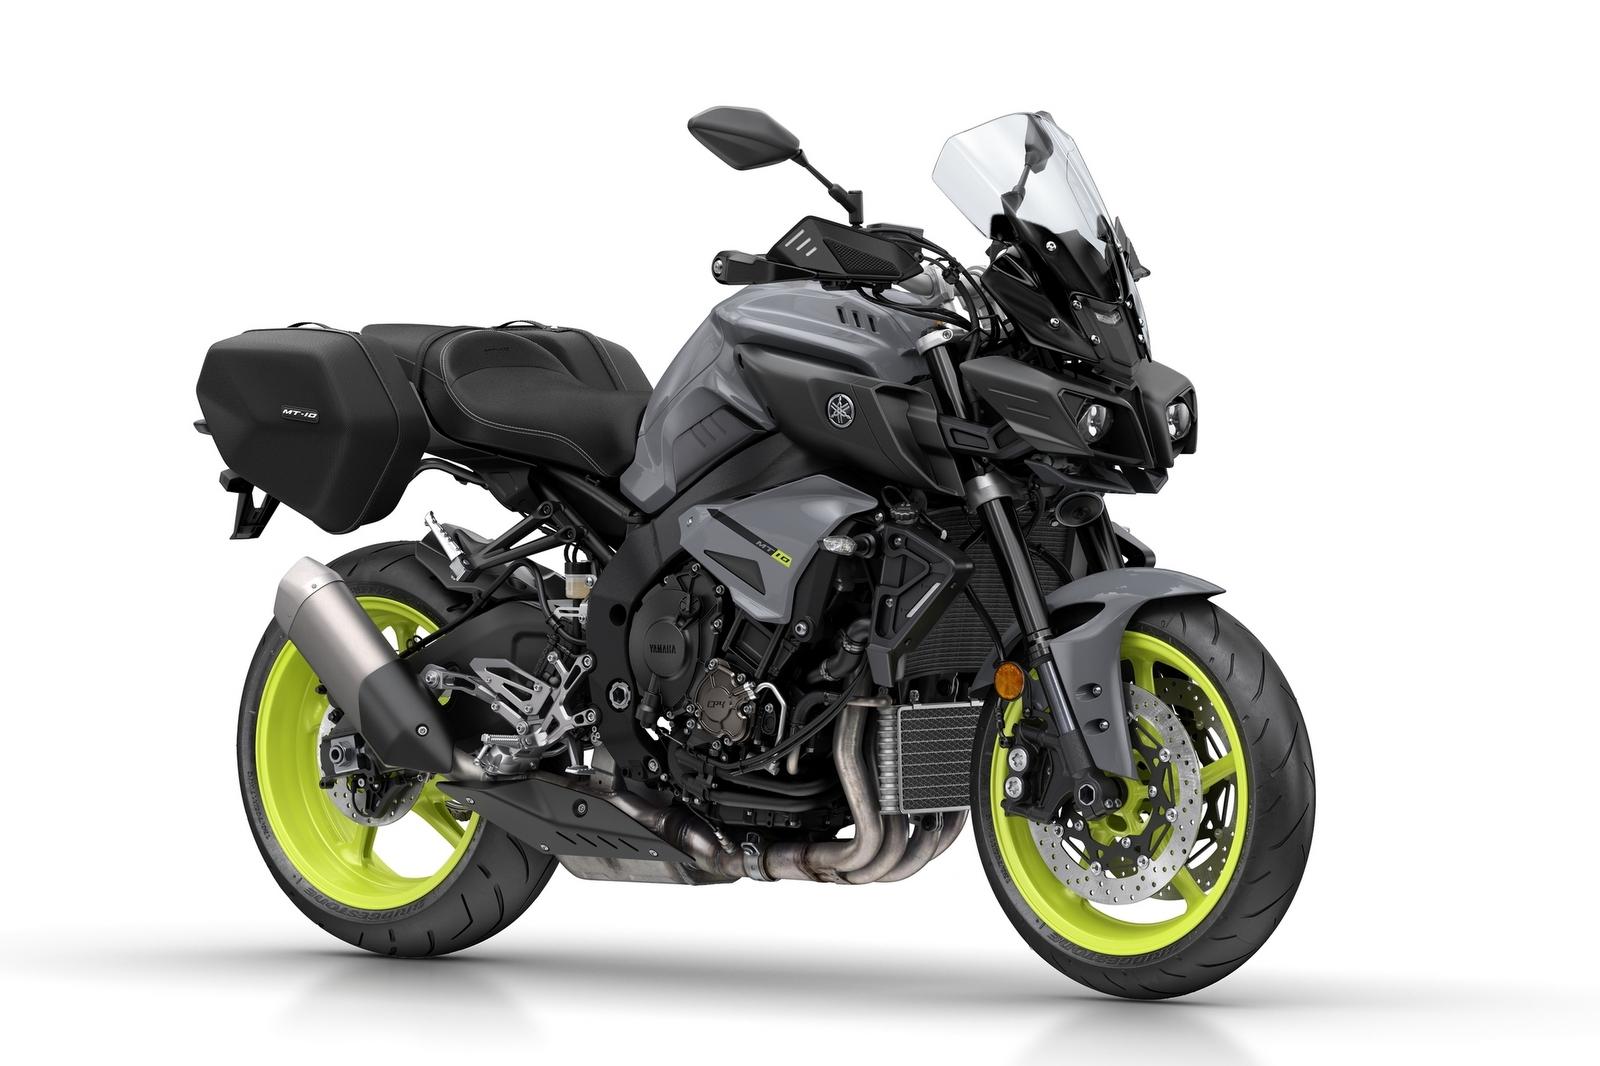 Yamaha Enduro Motorcycles Philippines